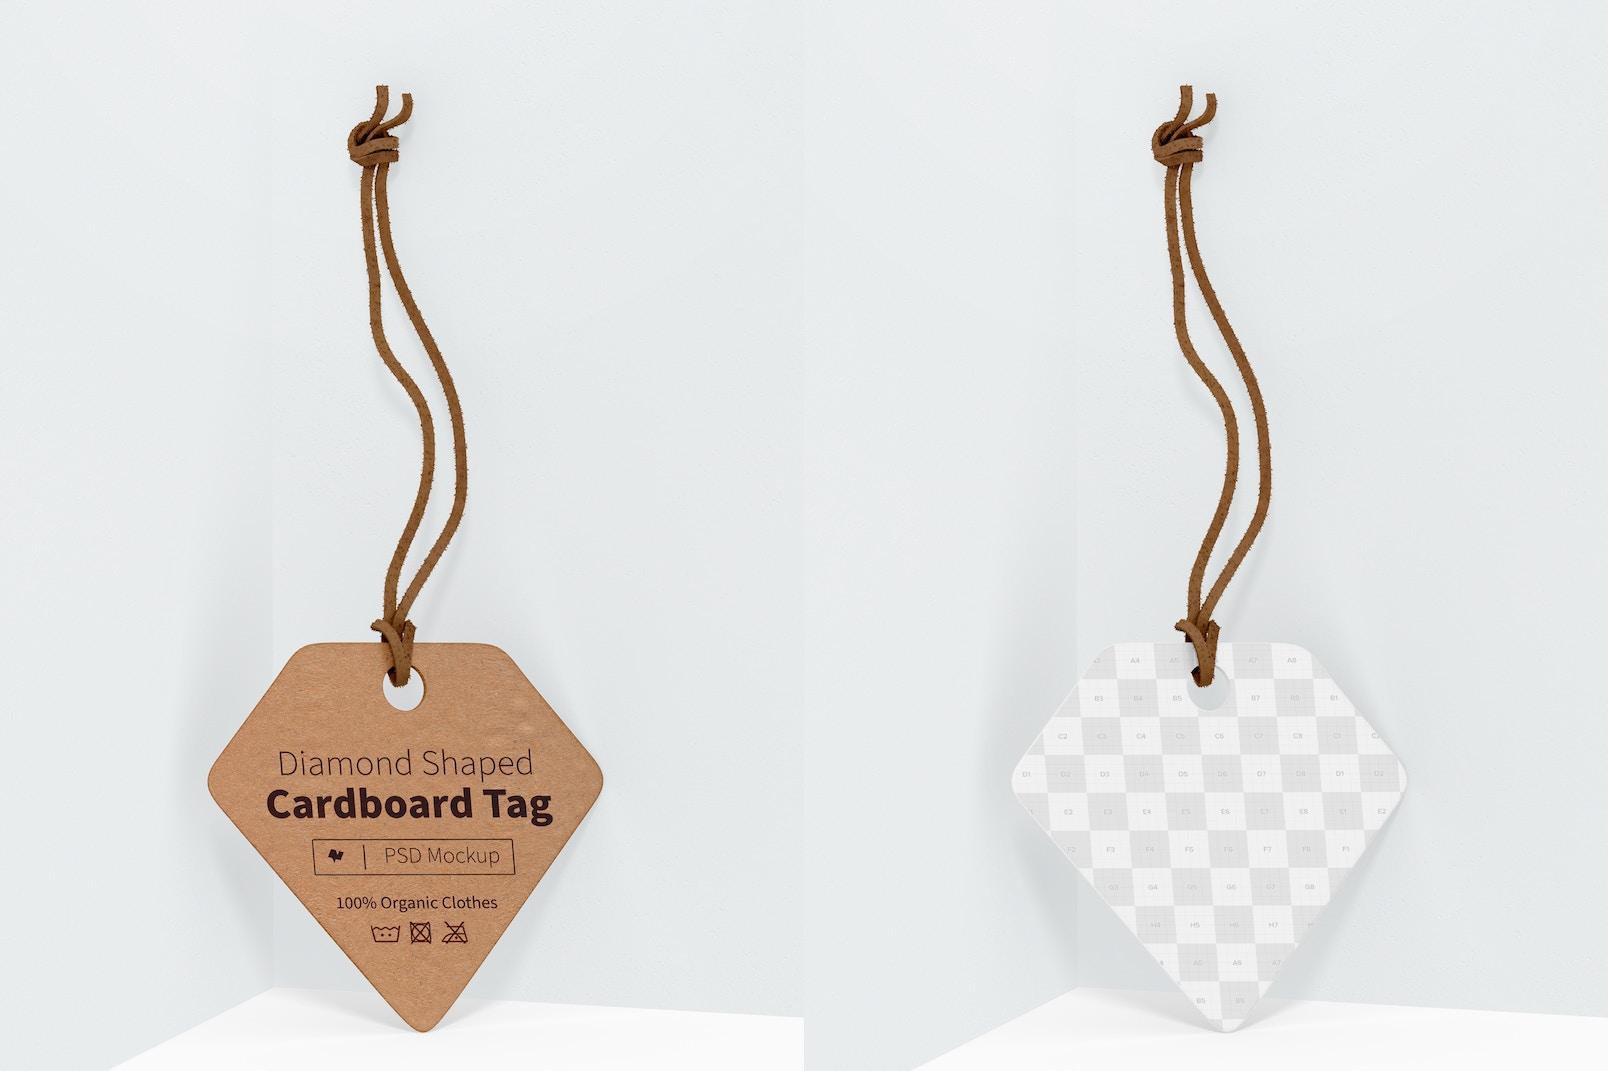 Diamond Shaped Cardboard Tag Mockup, Leaned